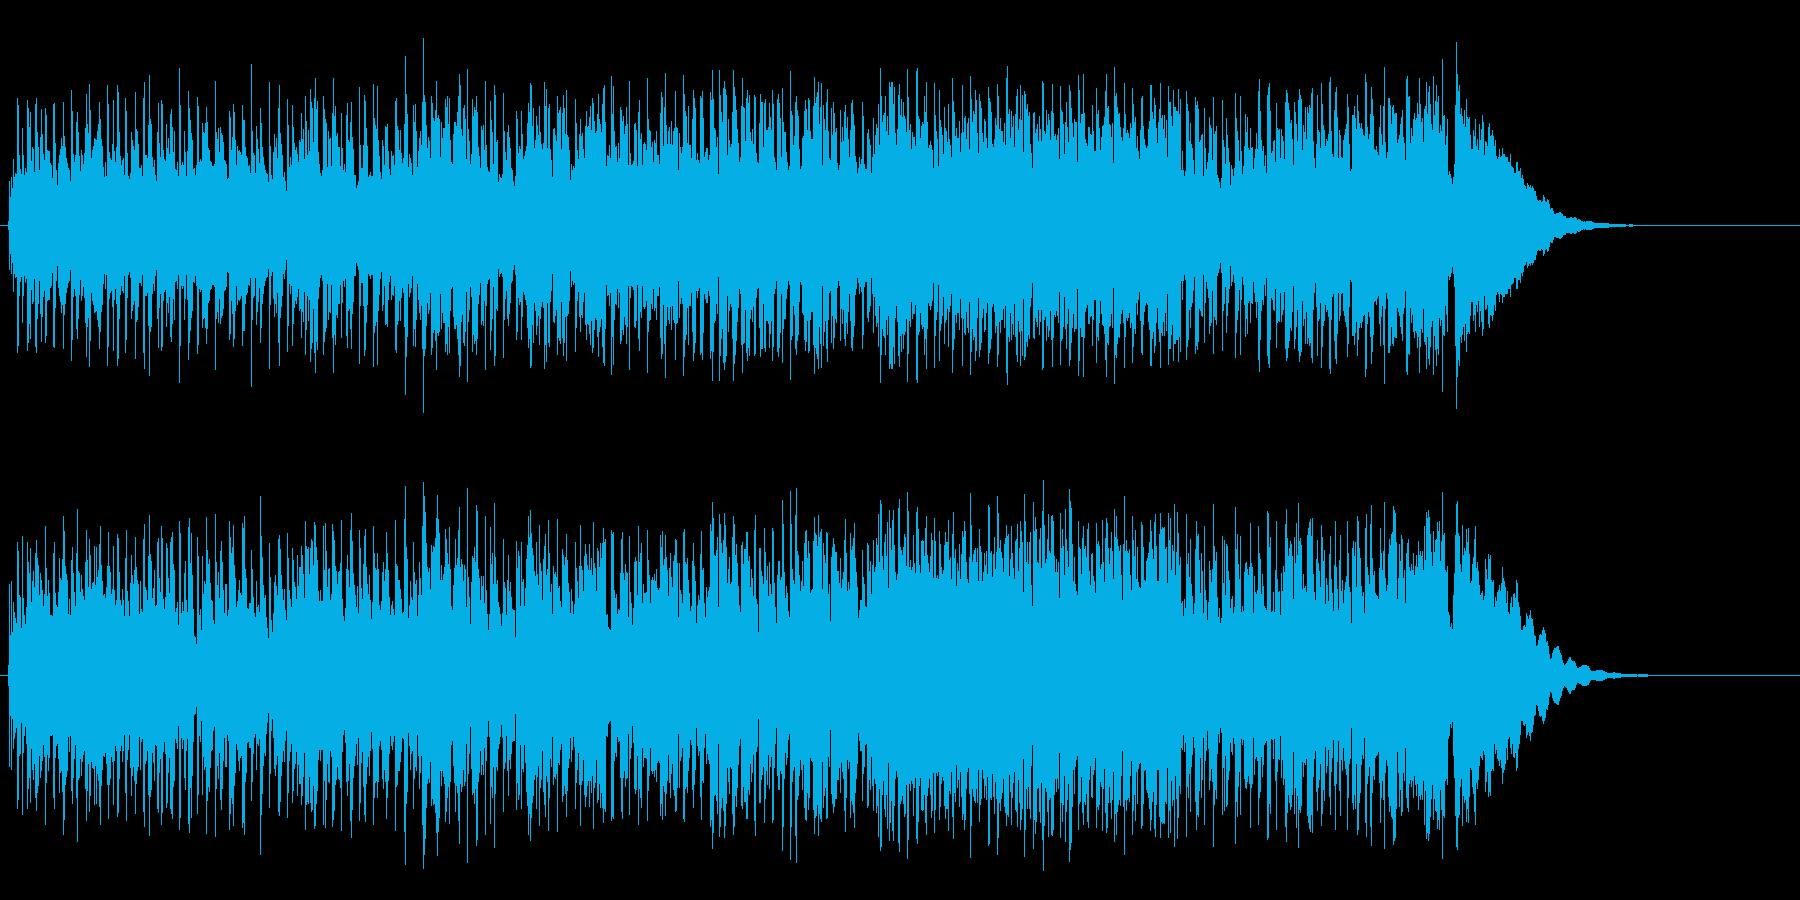 ウキウキのオールド・ロック・ロールの再生済みの波形